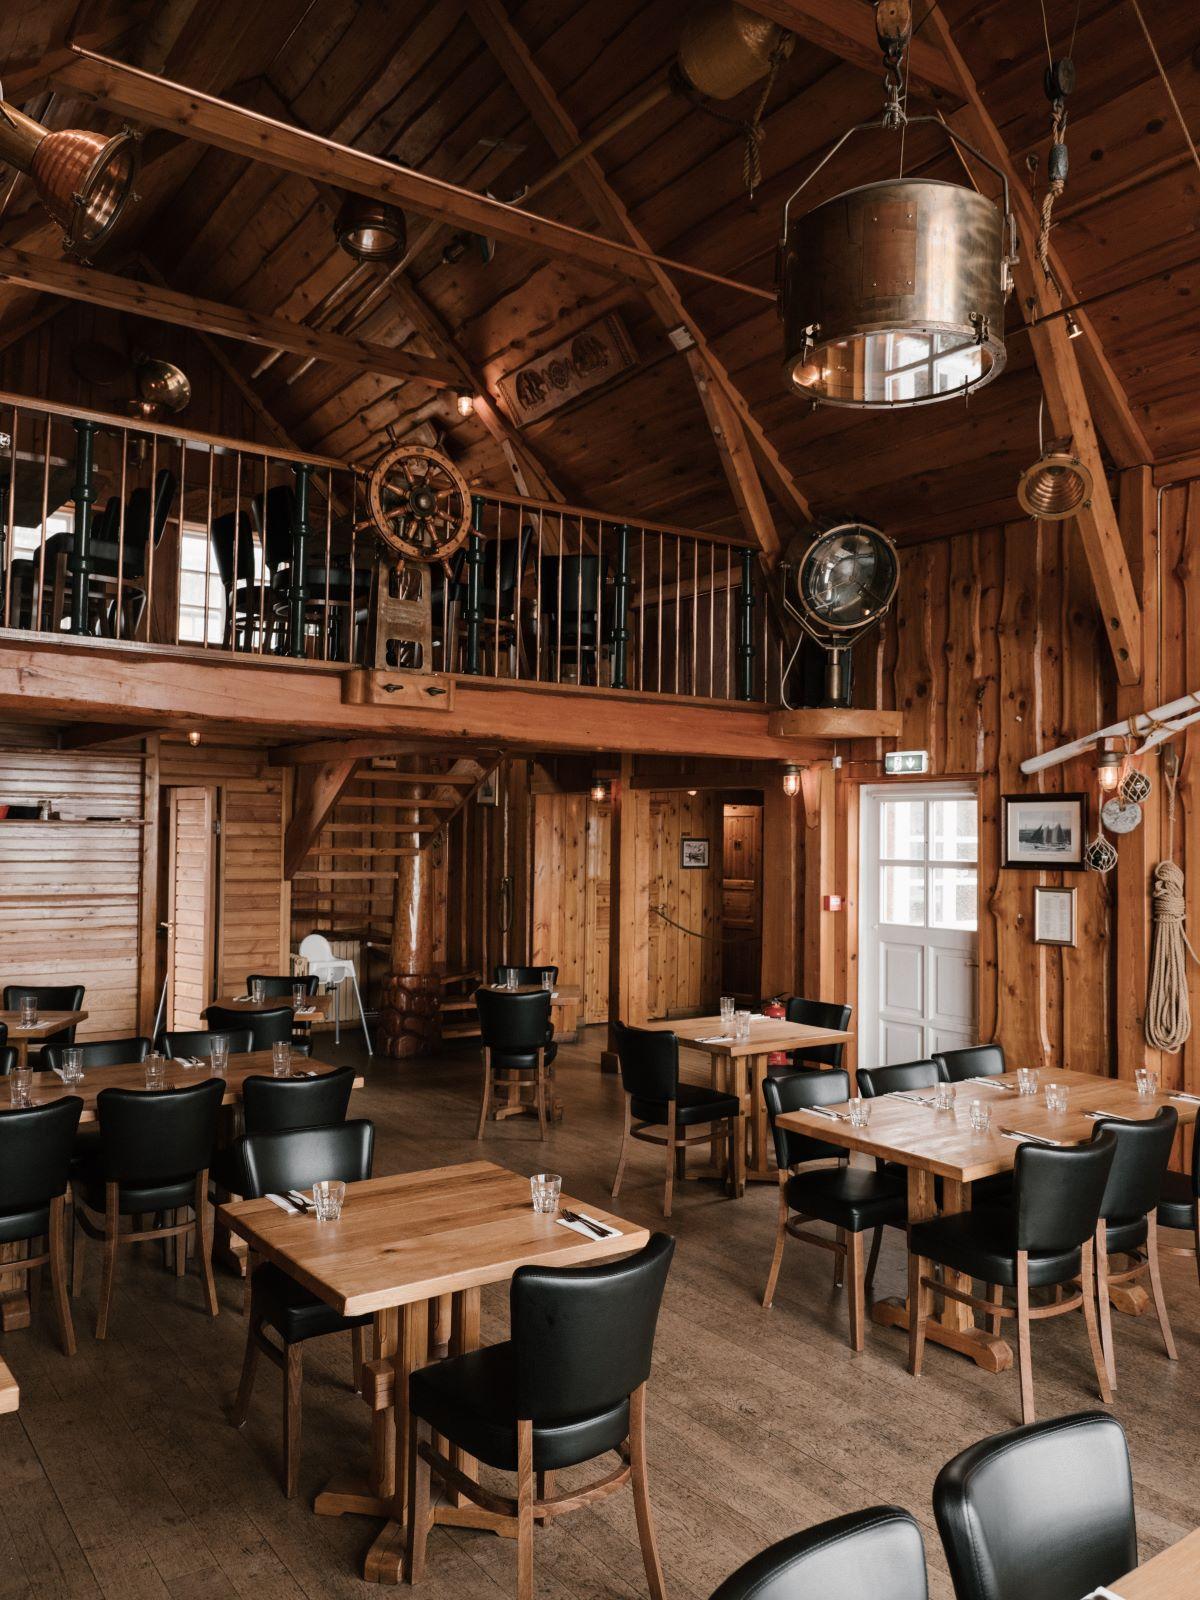 indoor wooden interior